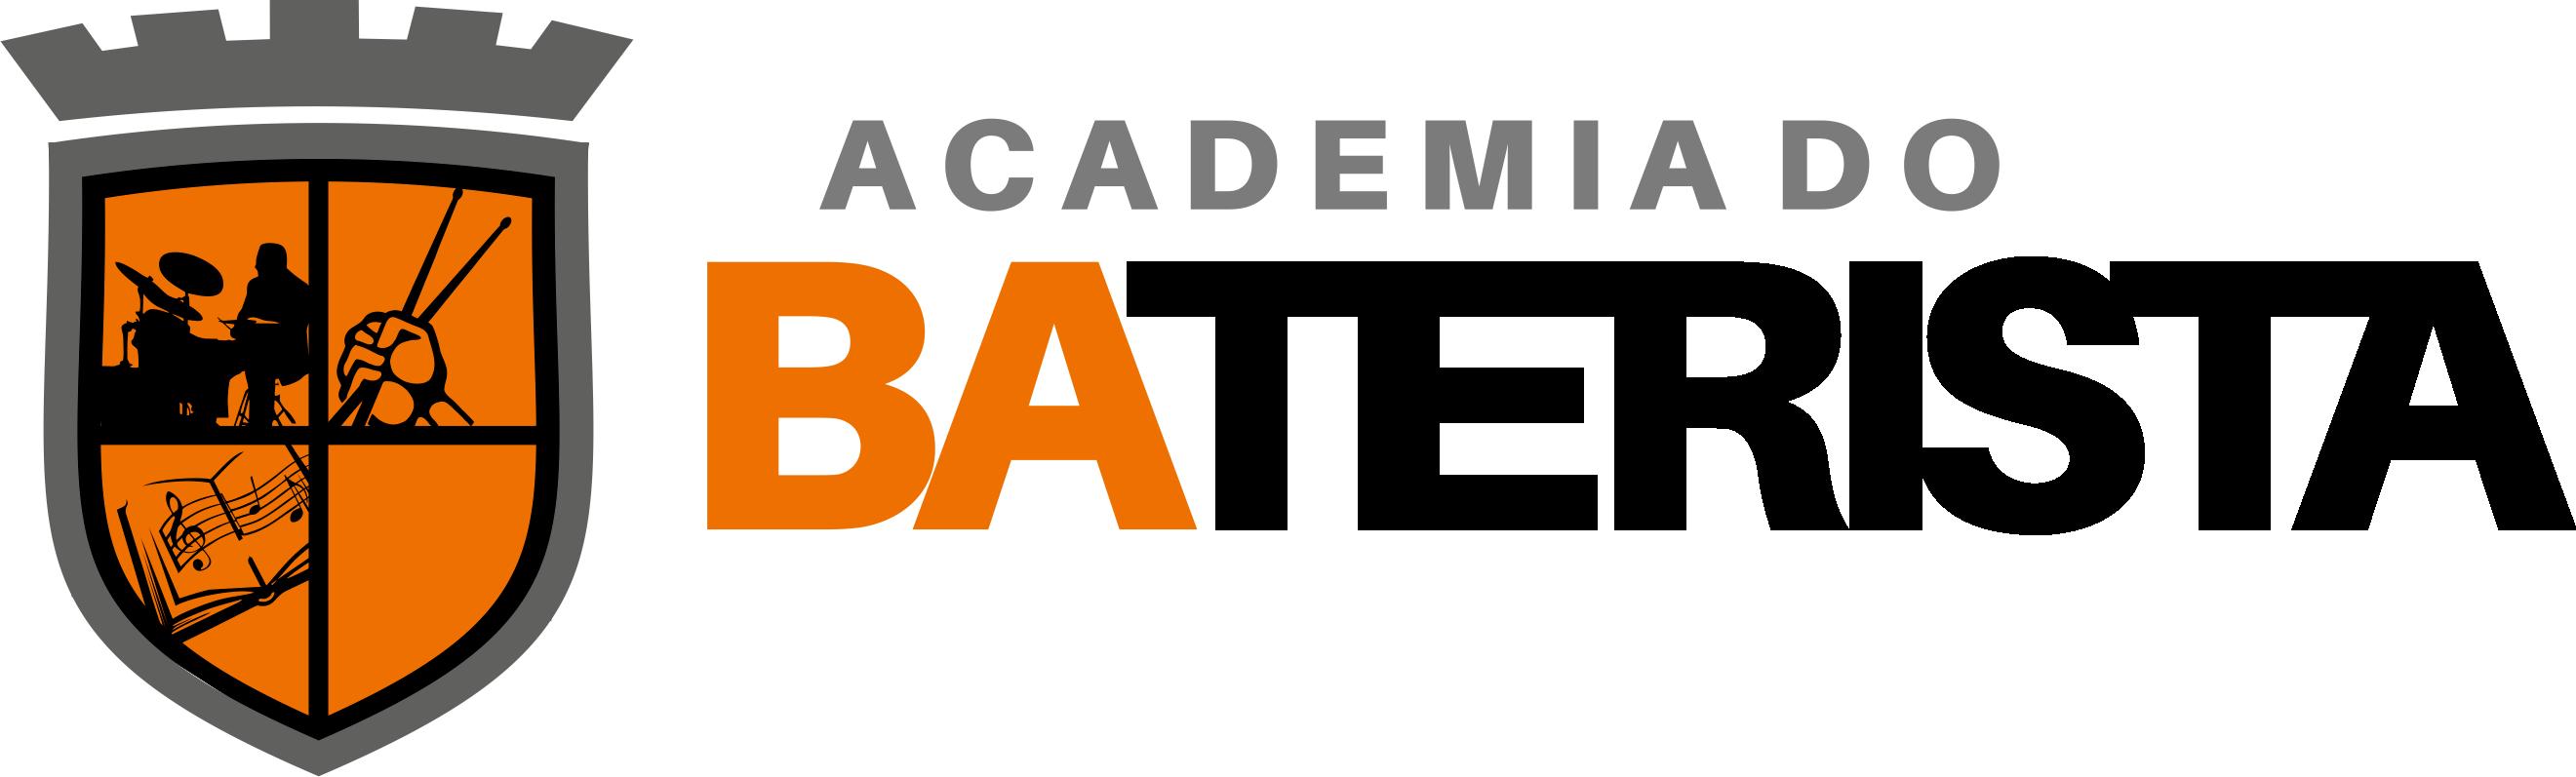 Academia do Baterista